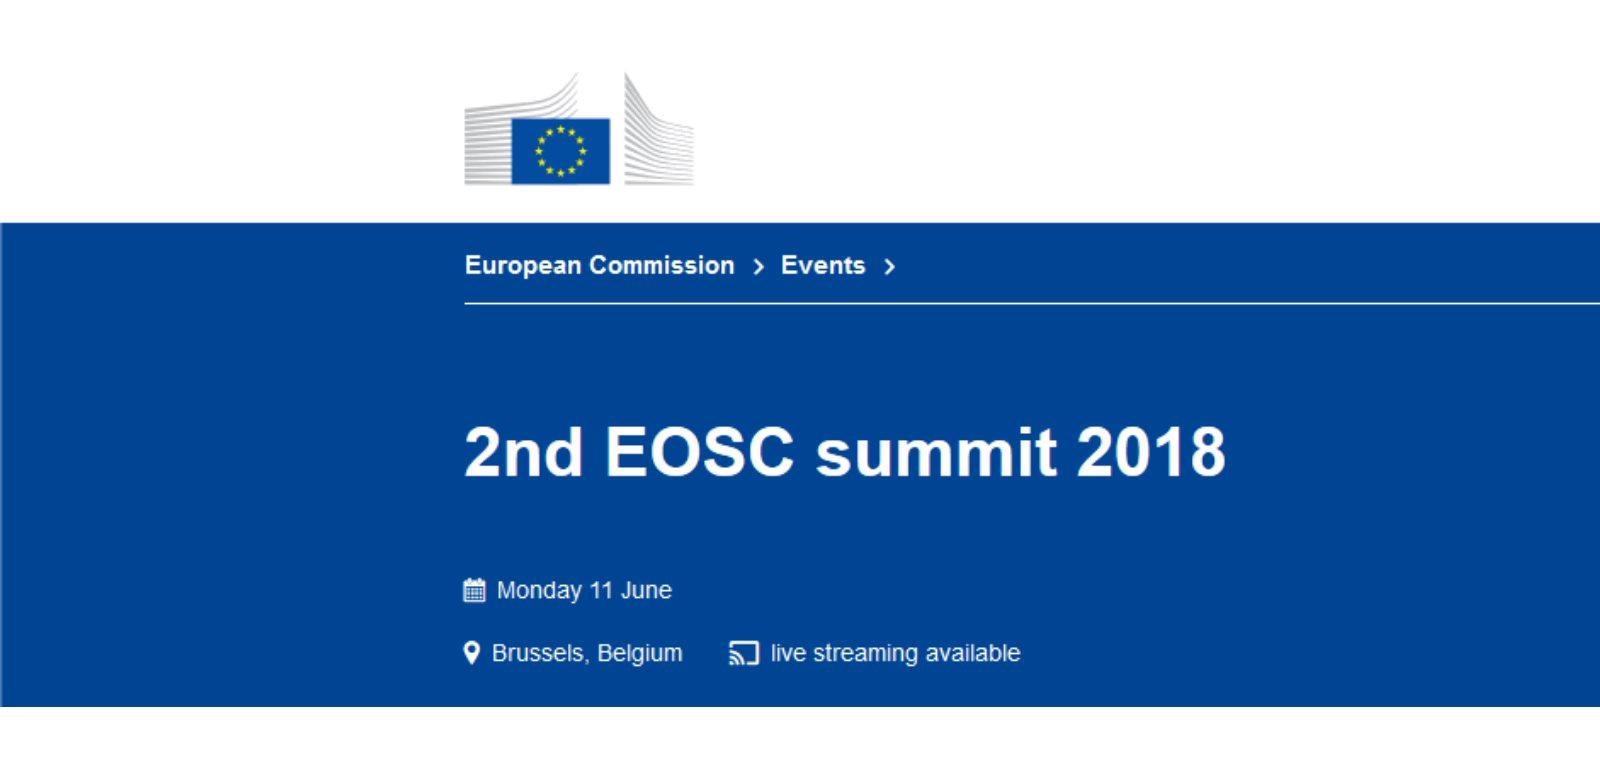 2nd EOSC summit 2018